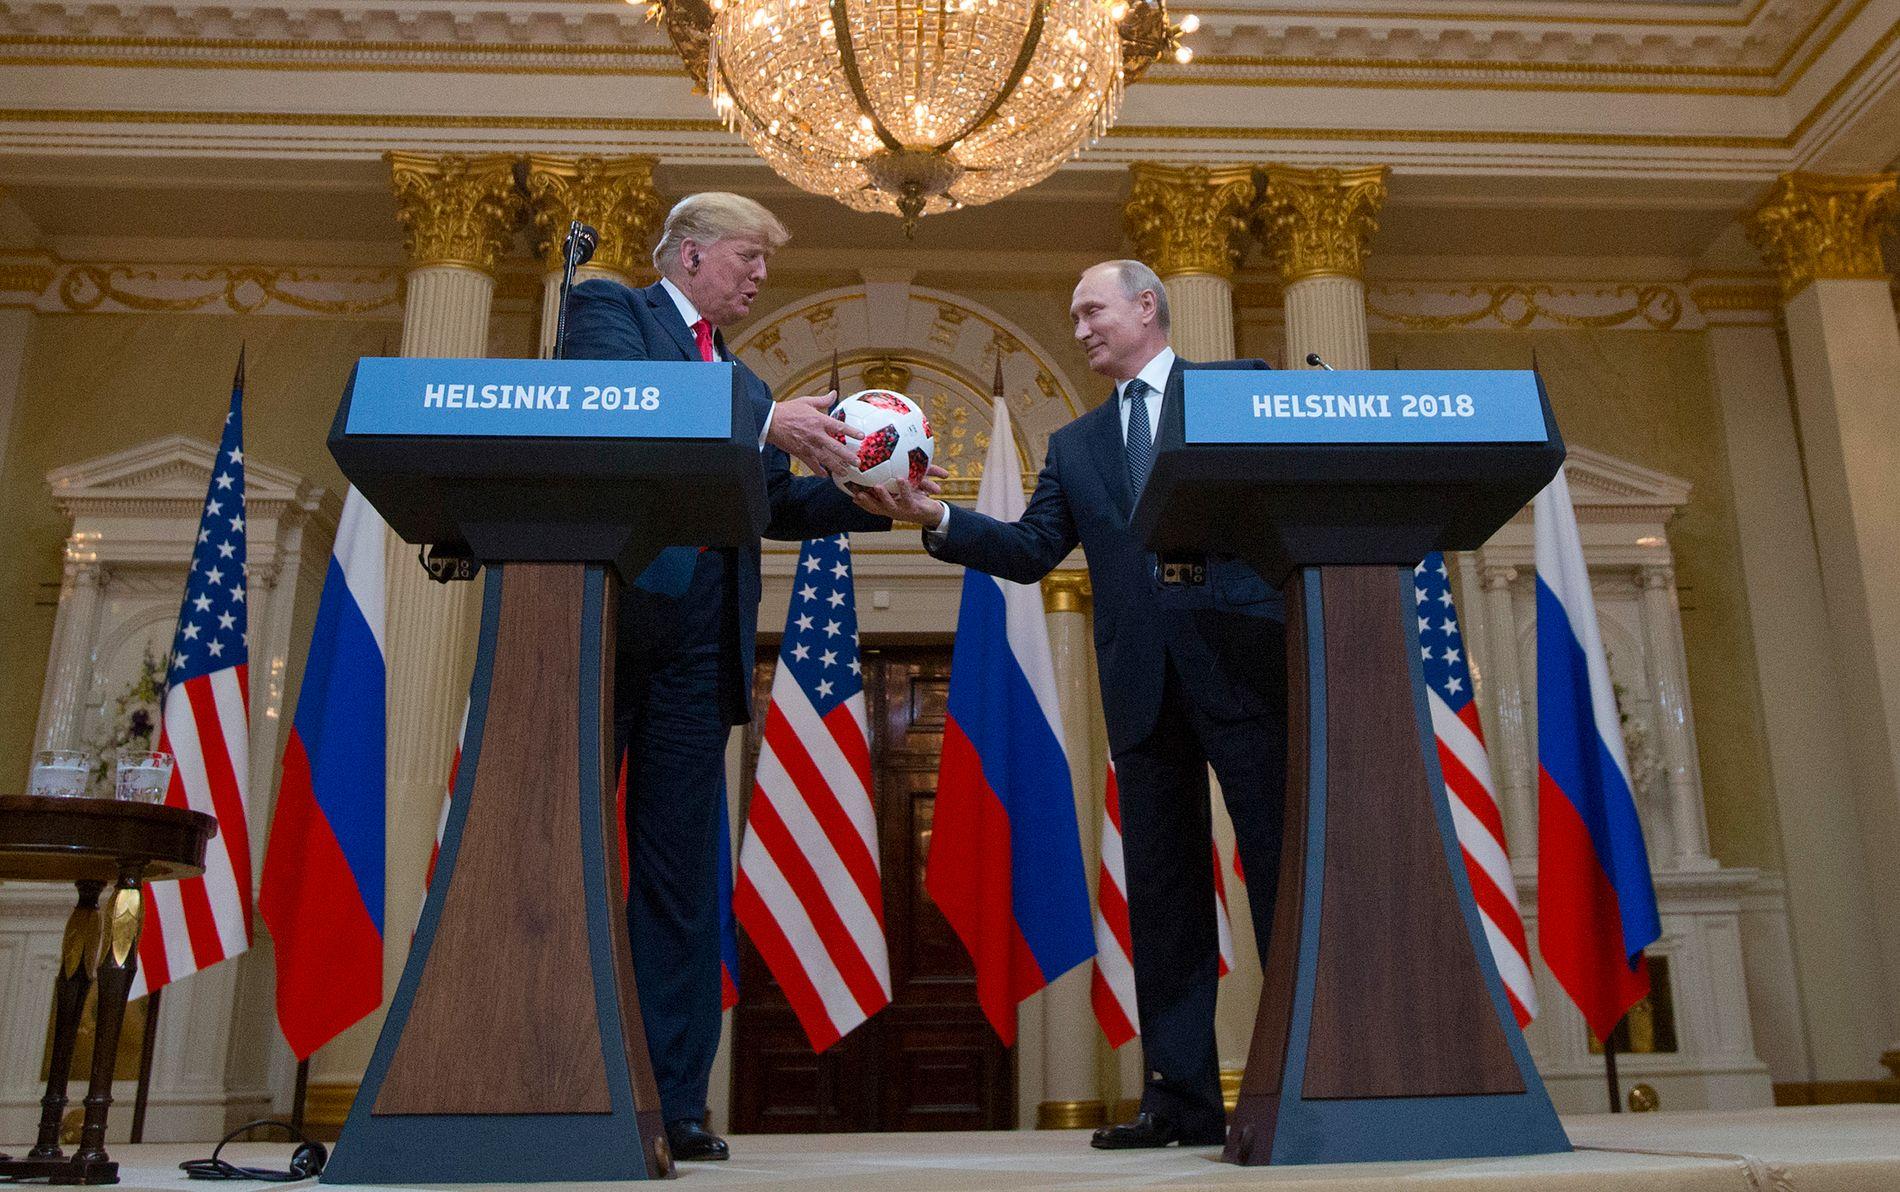 Bare gode venner?  USAs president Donald Trump og   Russlands president Vladimir Putin utveksler gaver og elskverdigheter i Helsingfors i uken som gikk.